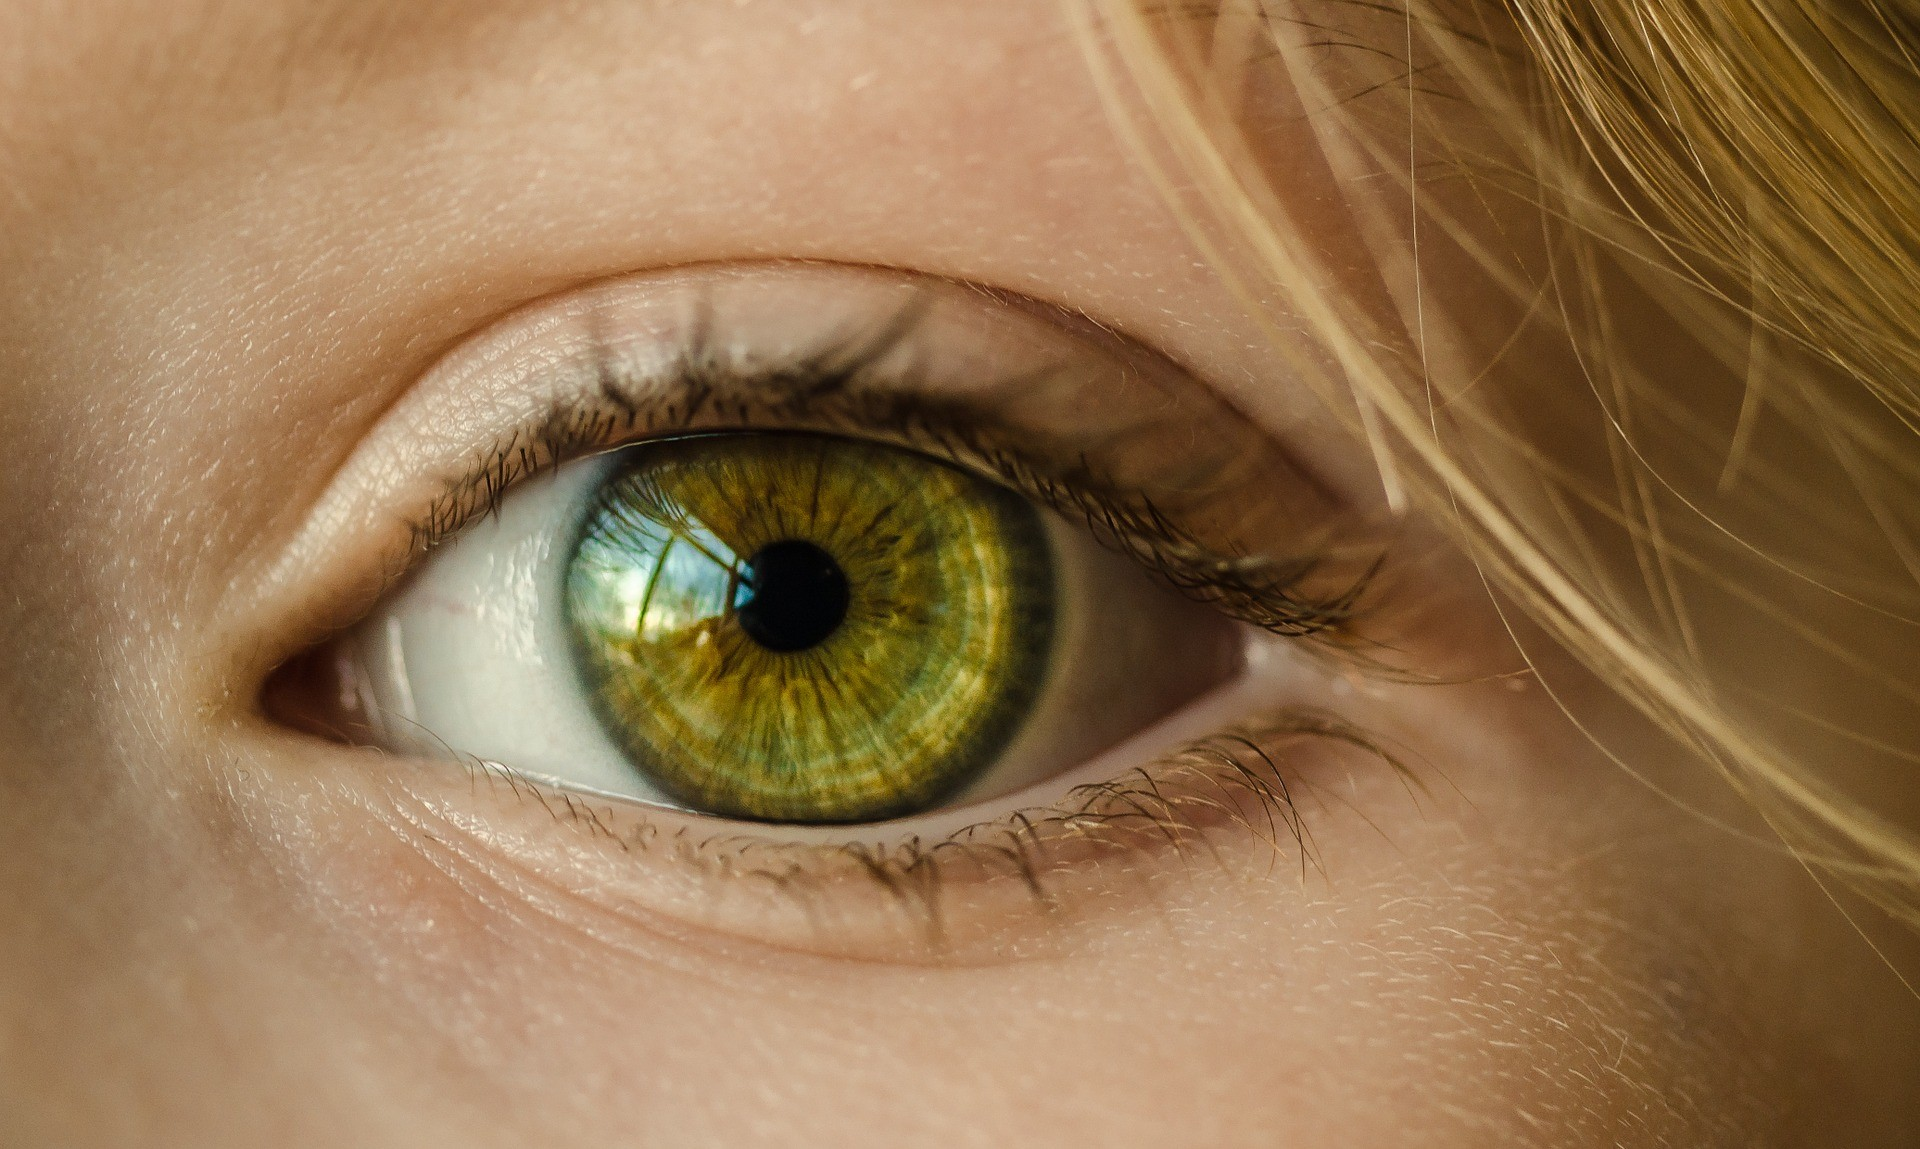 ▲眼睛。(圖/取自免費圖庫Pixabay)